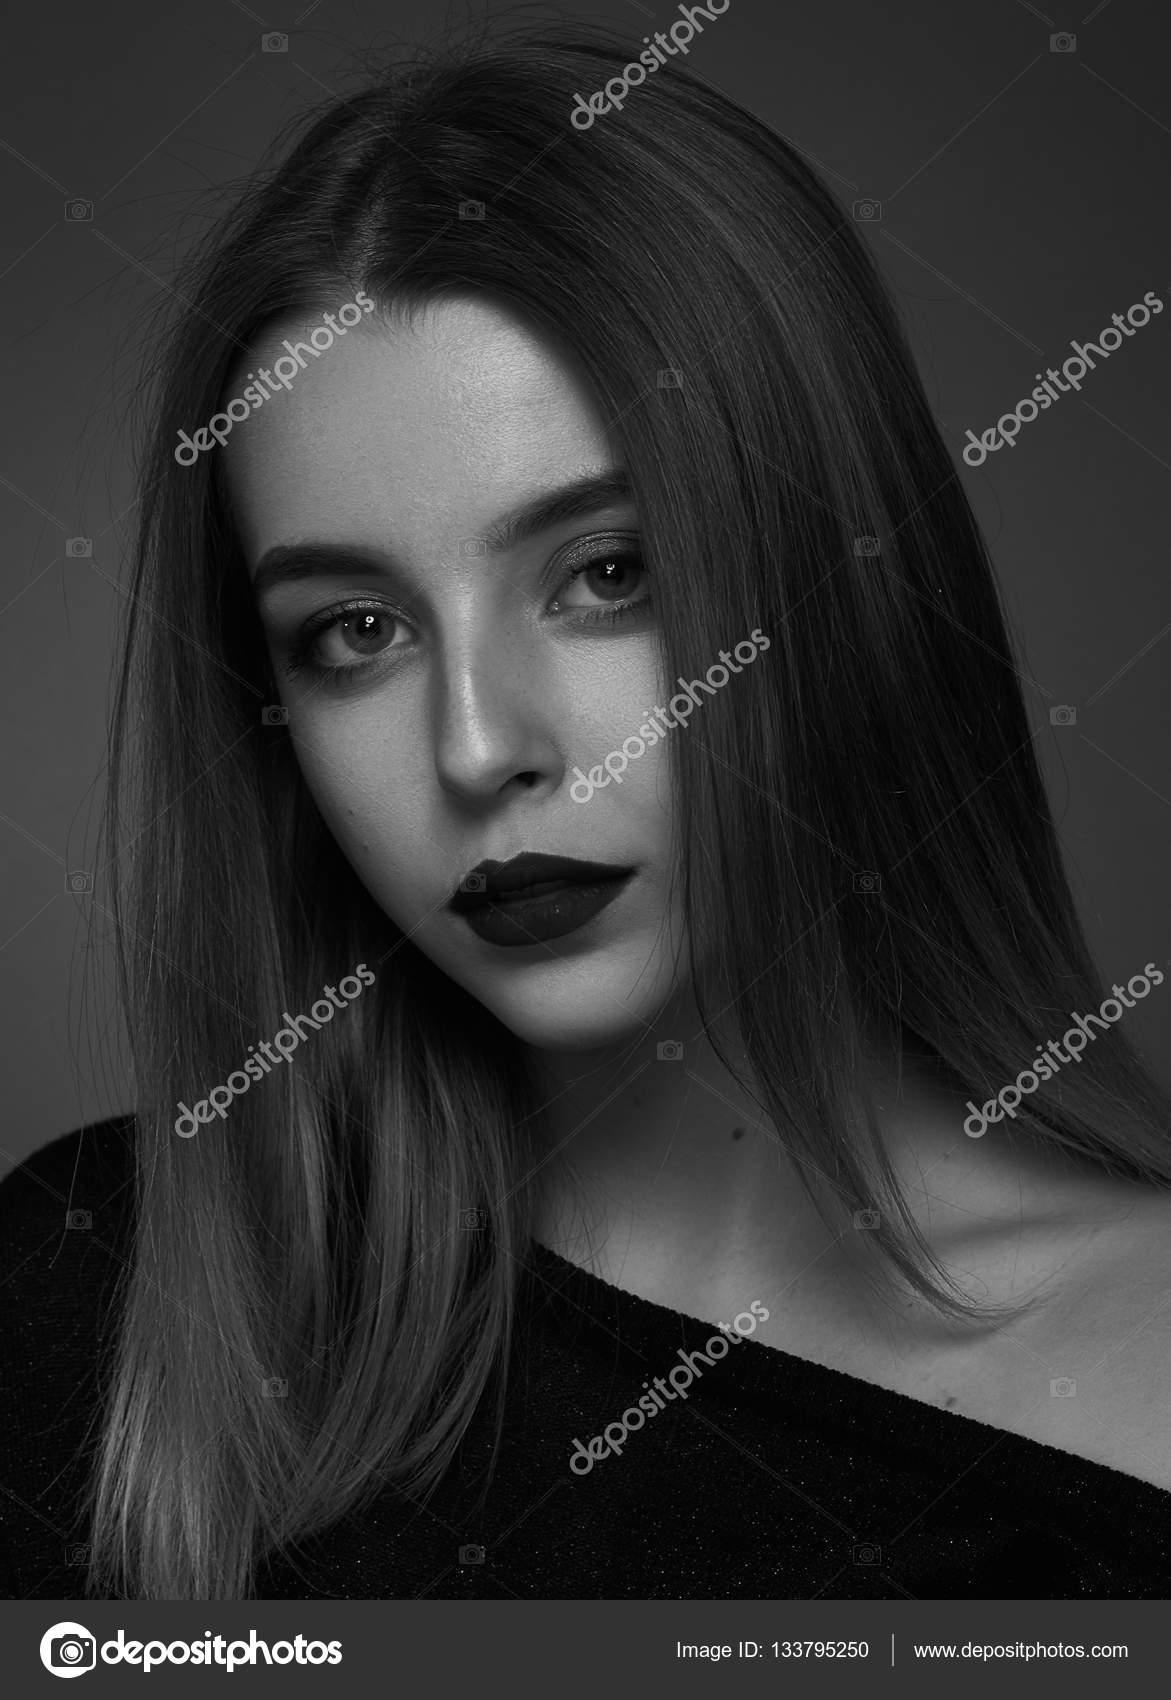 черно белые красивые картинки девушек